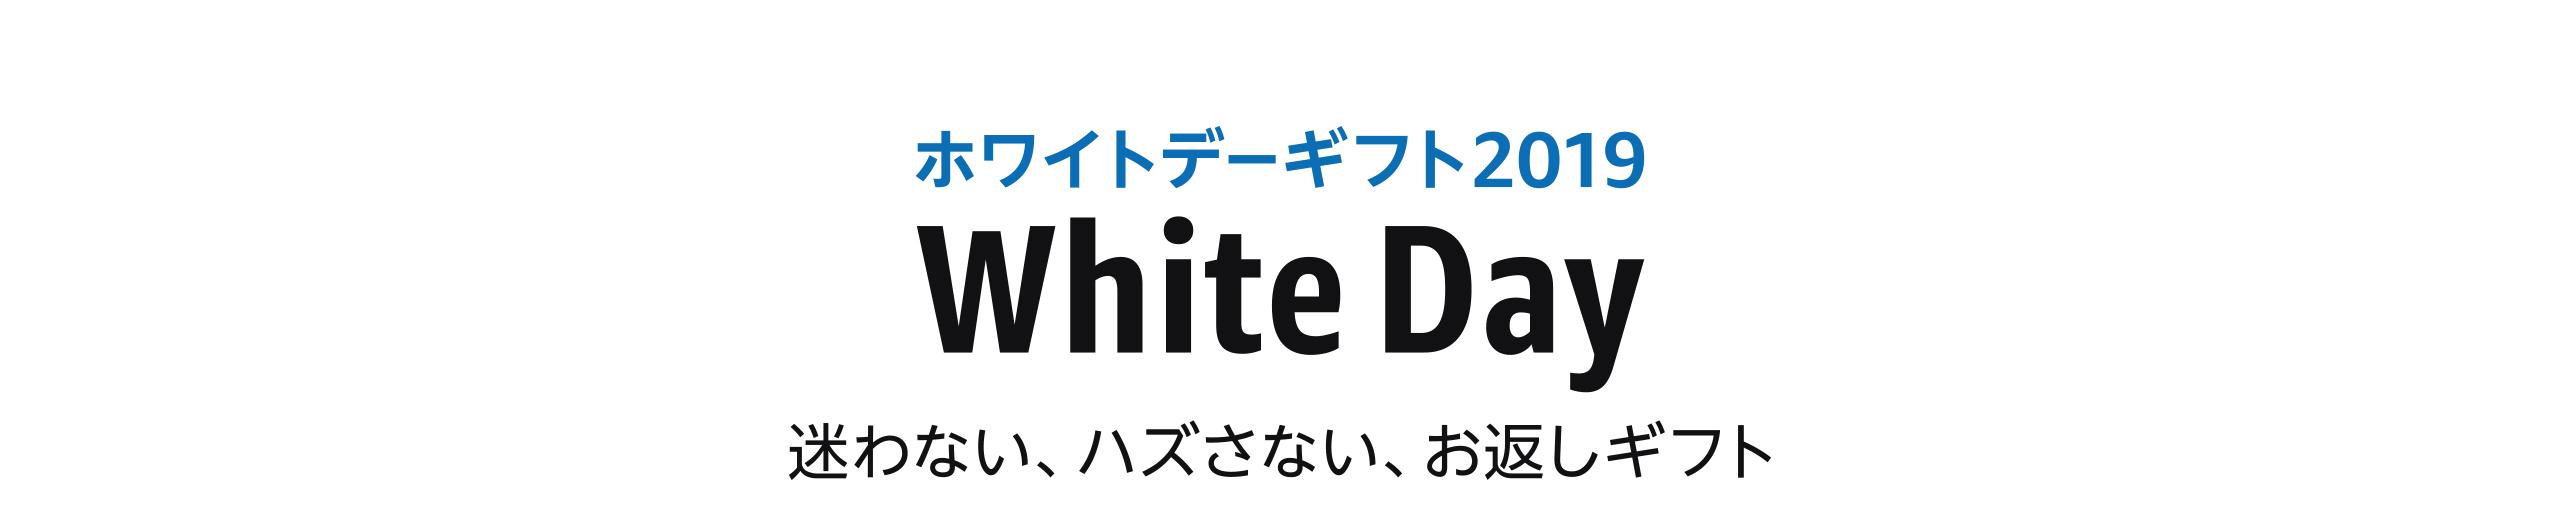 ホワイトデー 2019